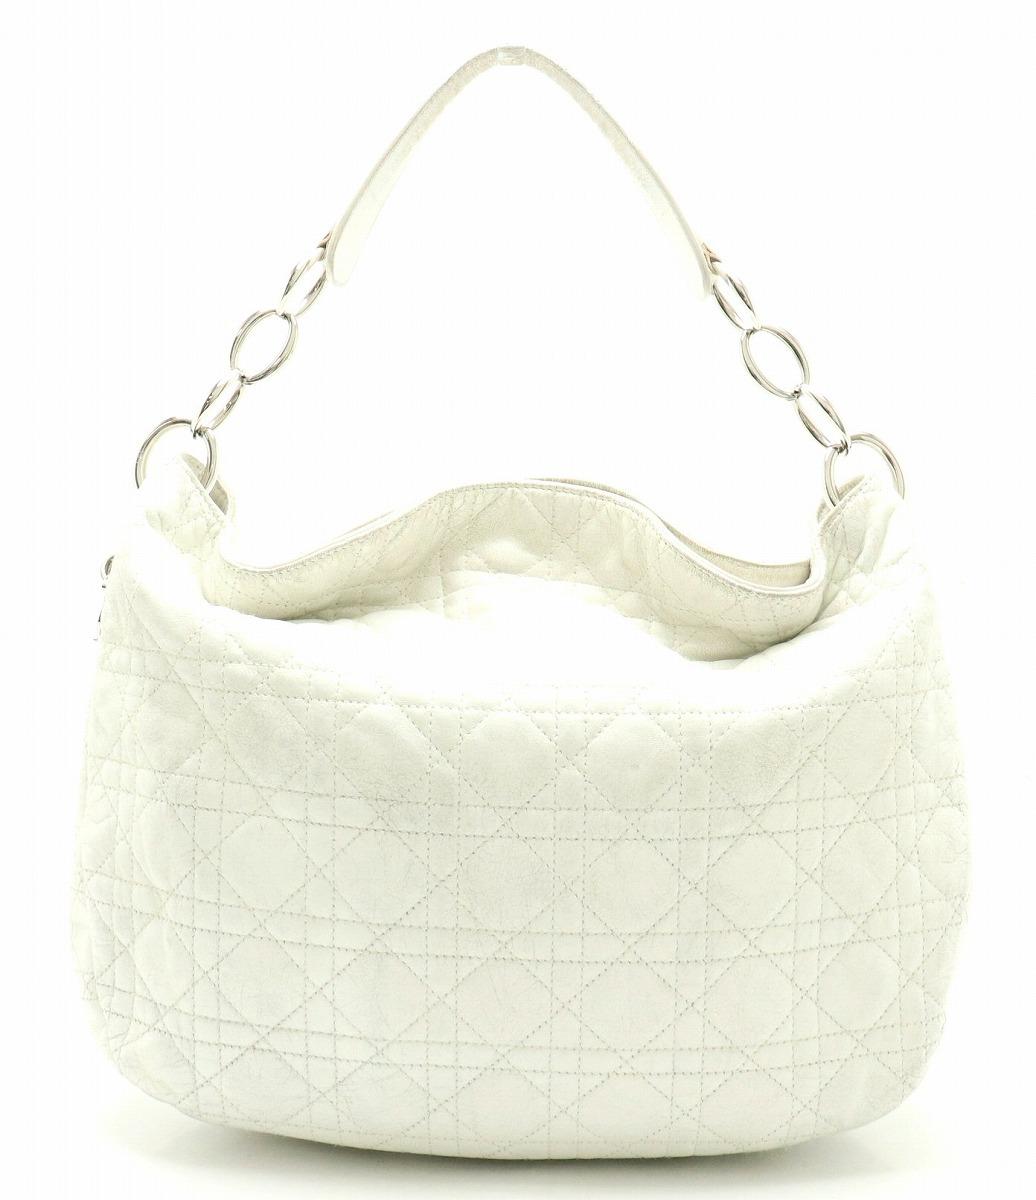 【バッグ】Christian Dior クリスチャン ディオール レディディオール カナージュ ステッチ ハンドバッグ ホワイト 白 シルバー金具 05-BN-0037 【中古】【k】